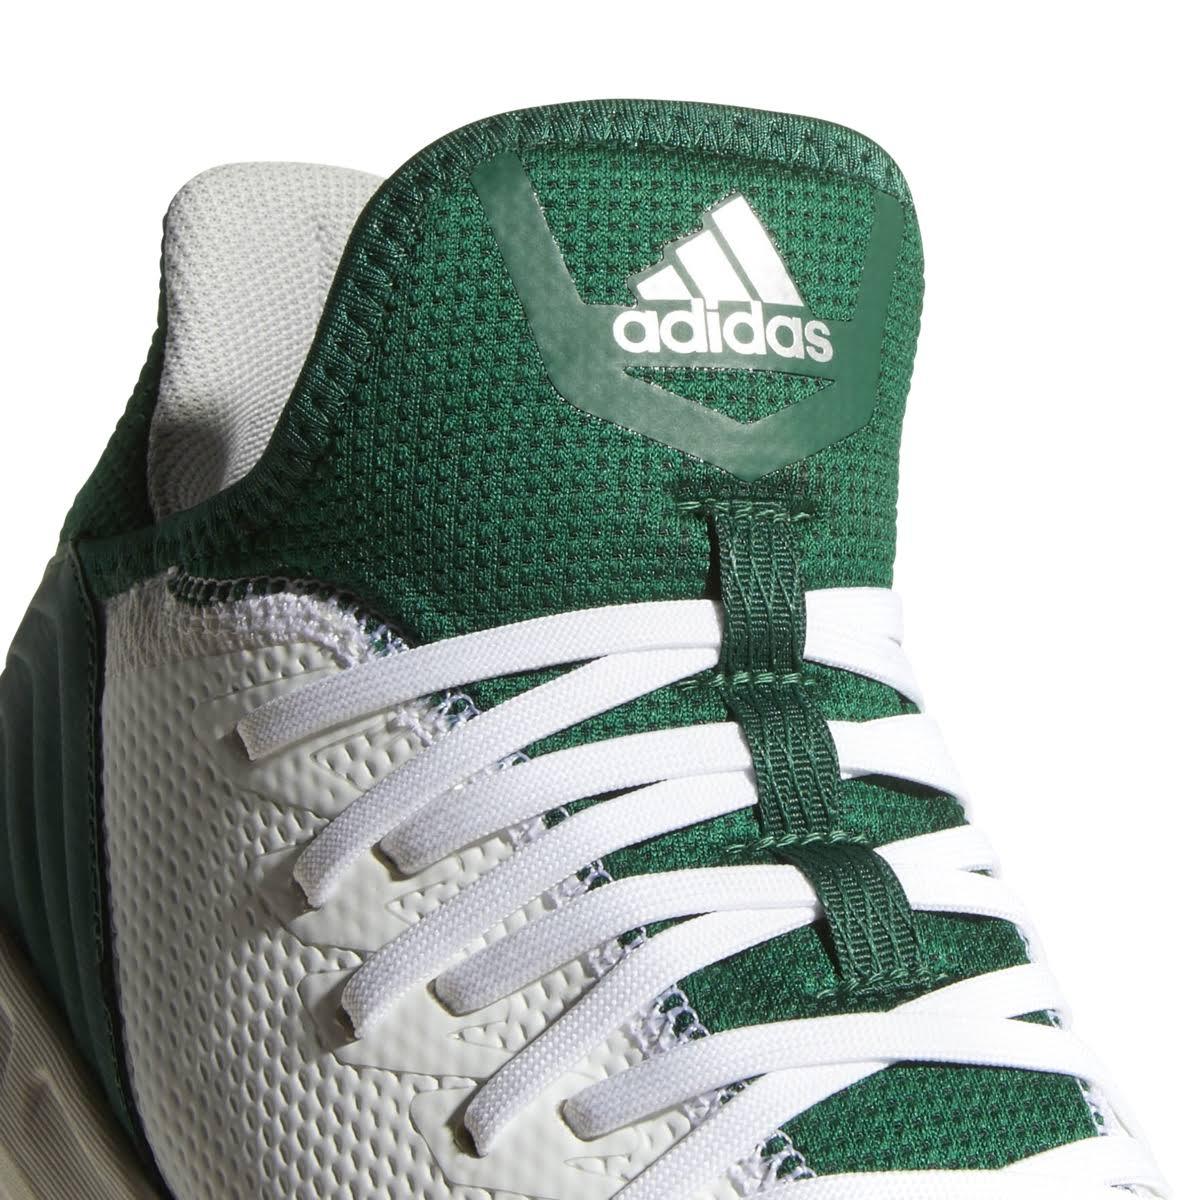 4 5 Hombre Boost De 6 Para Béisbol Tacos Adidas Icon Gum Talla 7Ef1qFZw